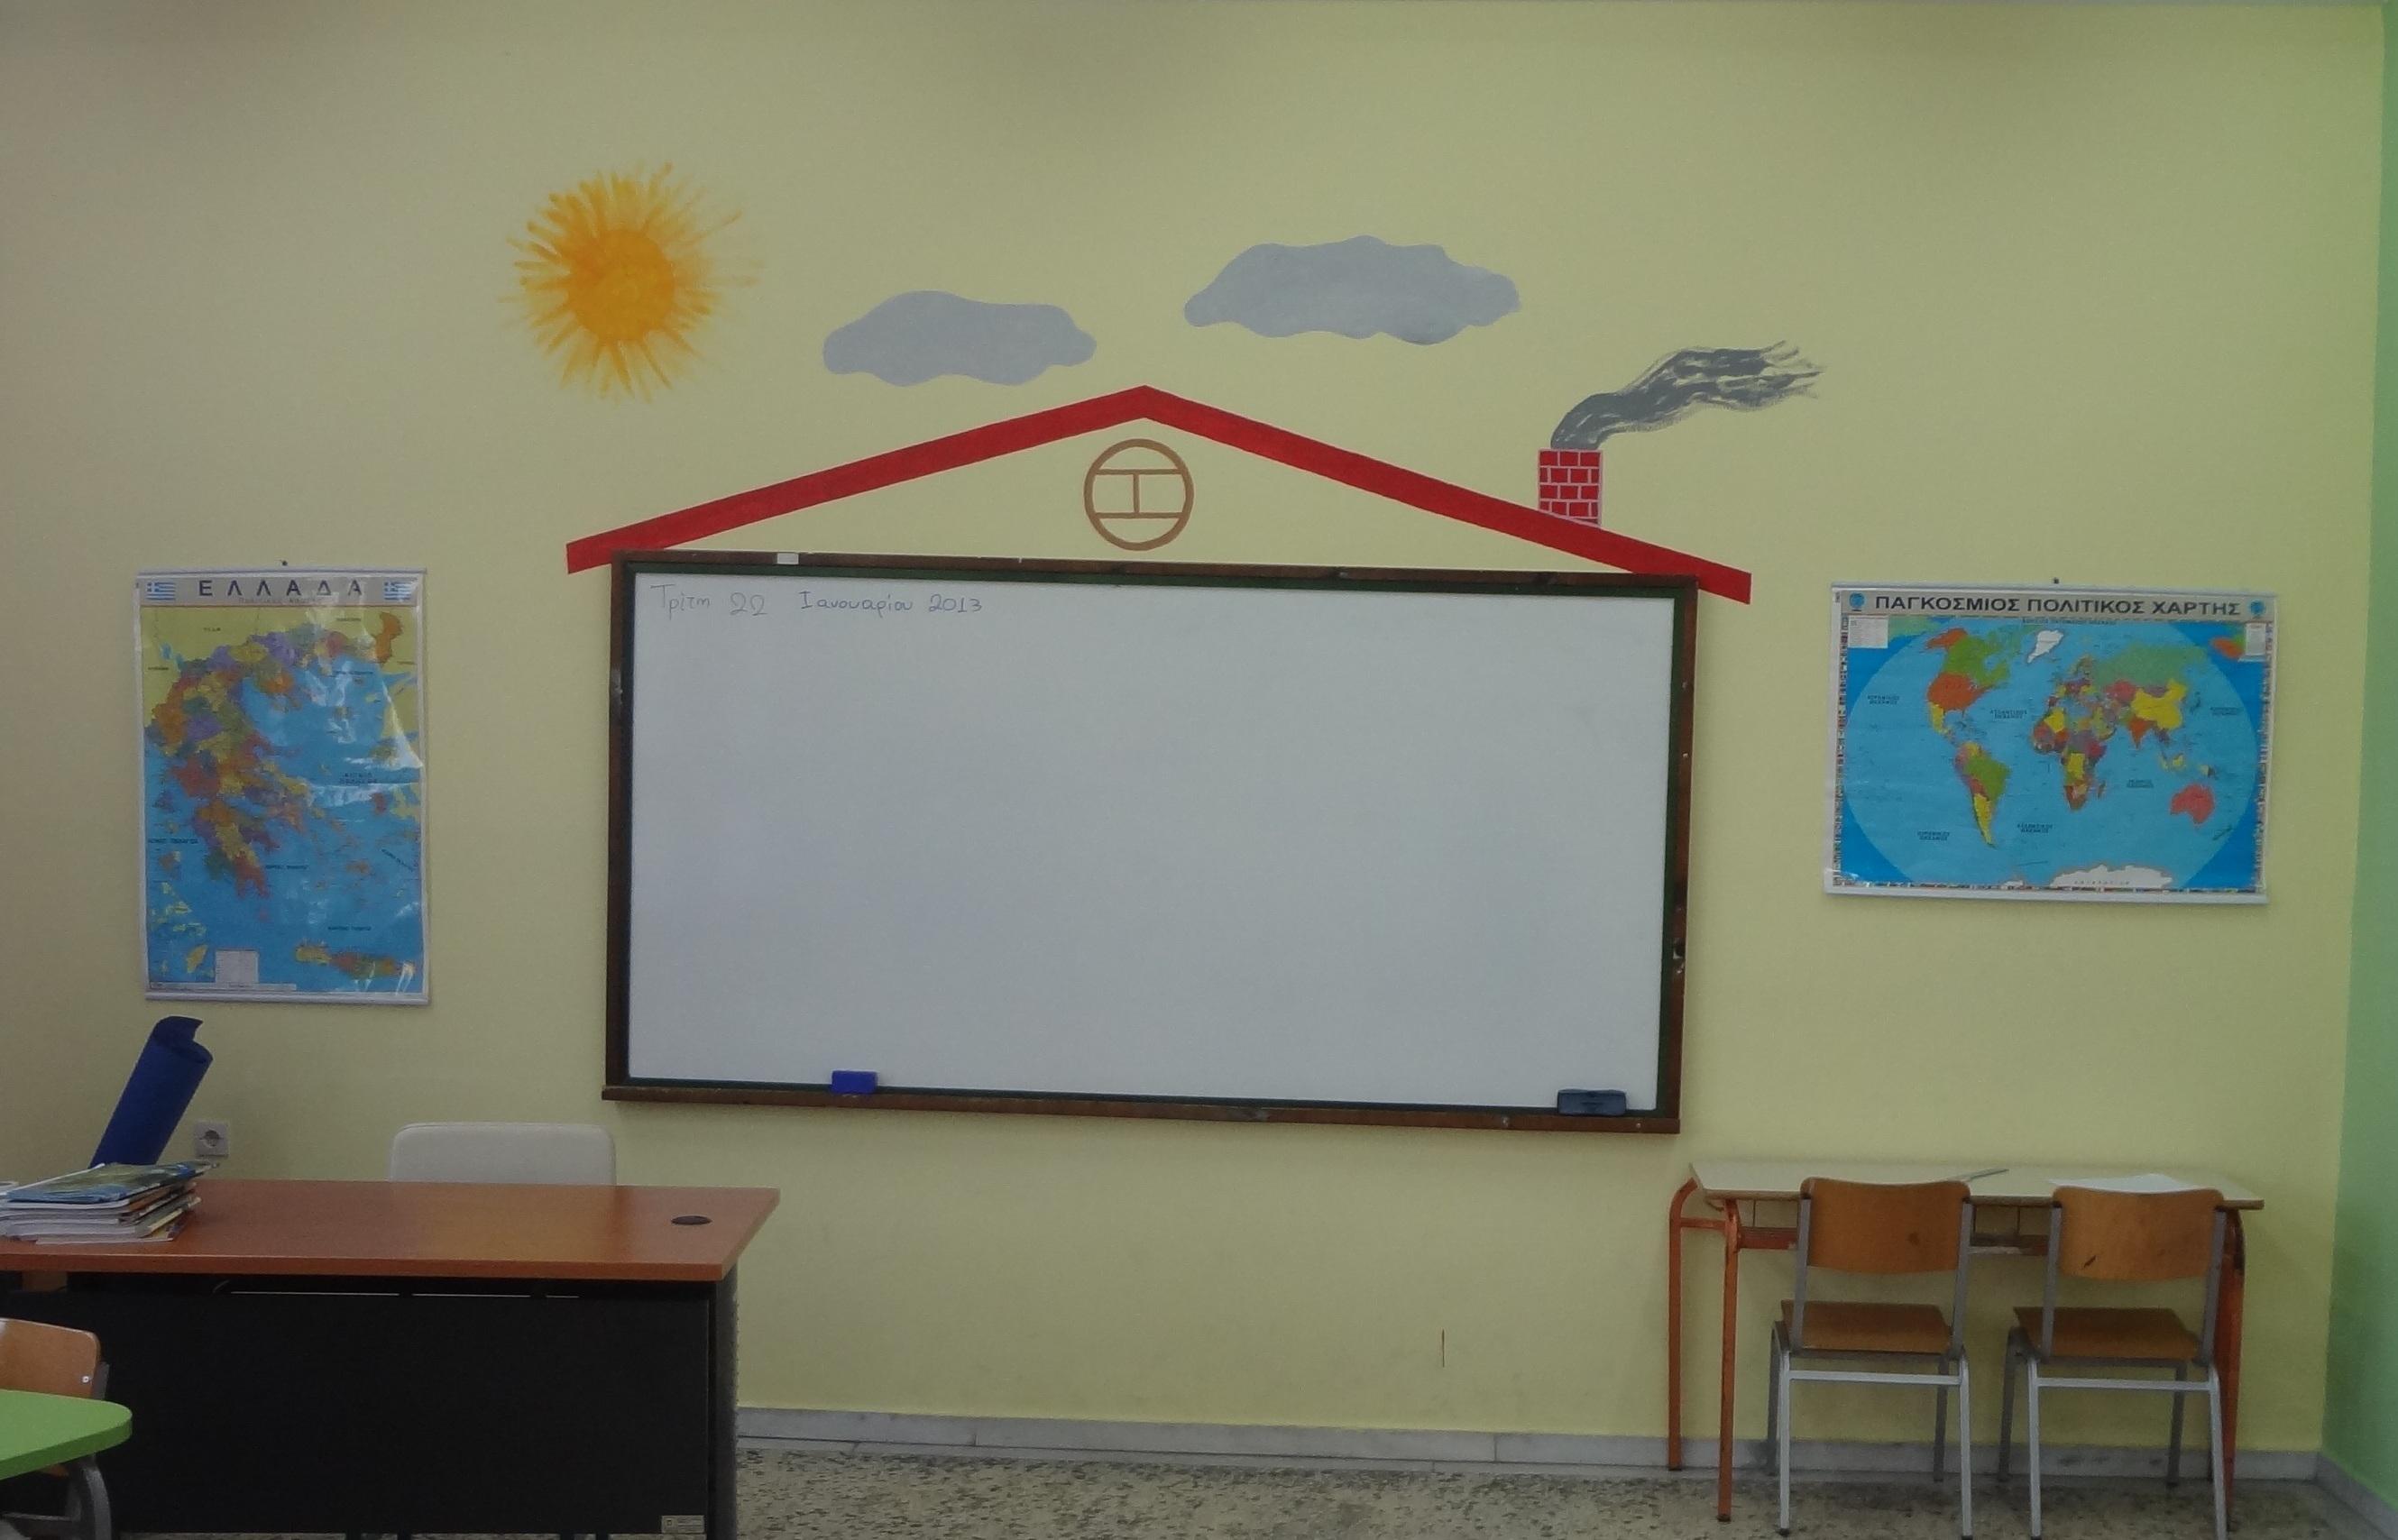 Νέο σχολείο (σχολείο 21ου αιώνα)»